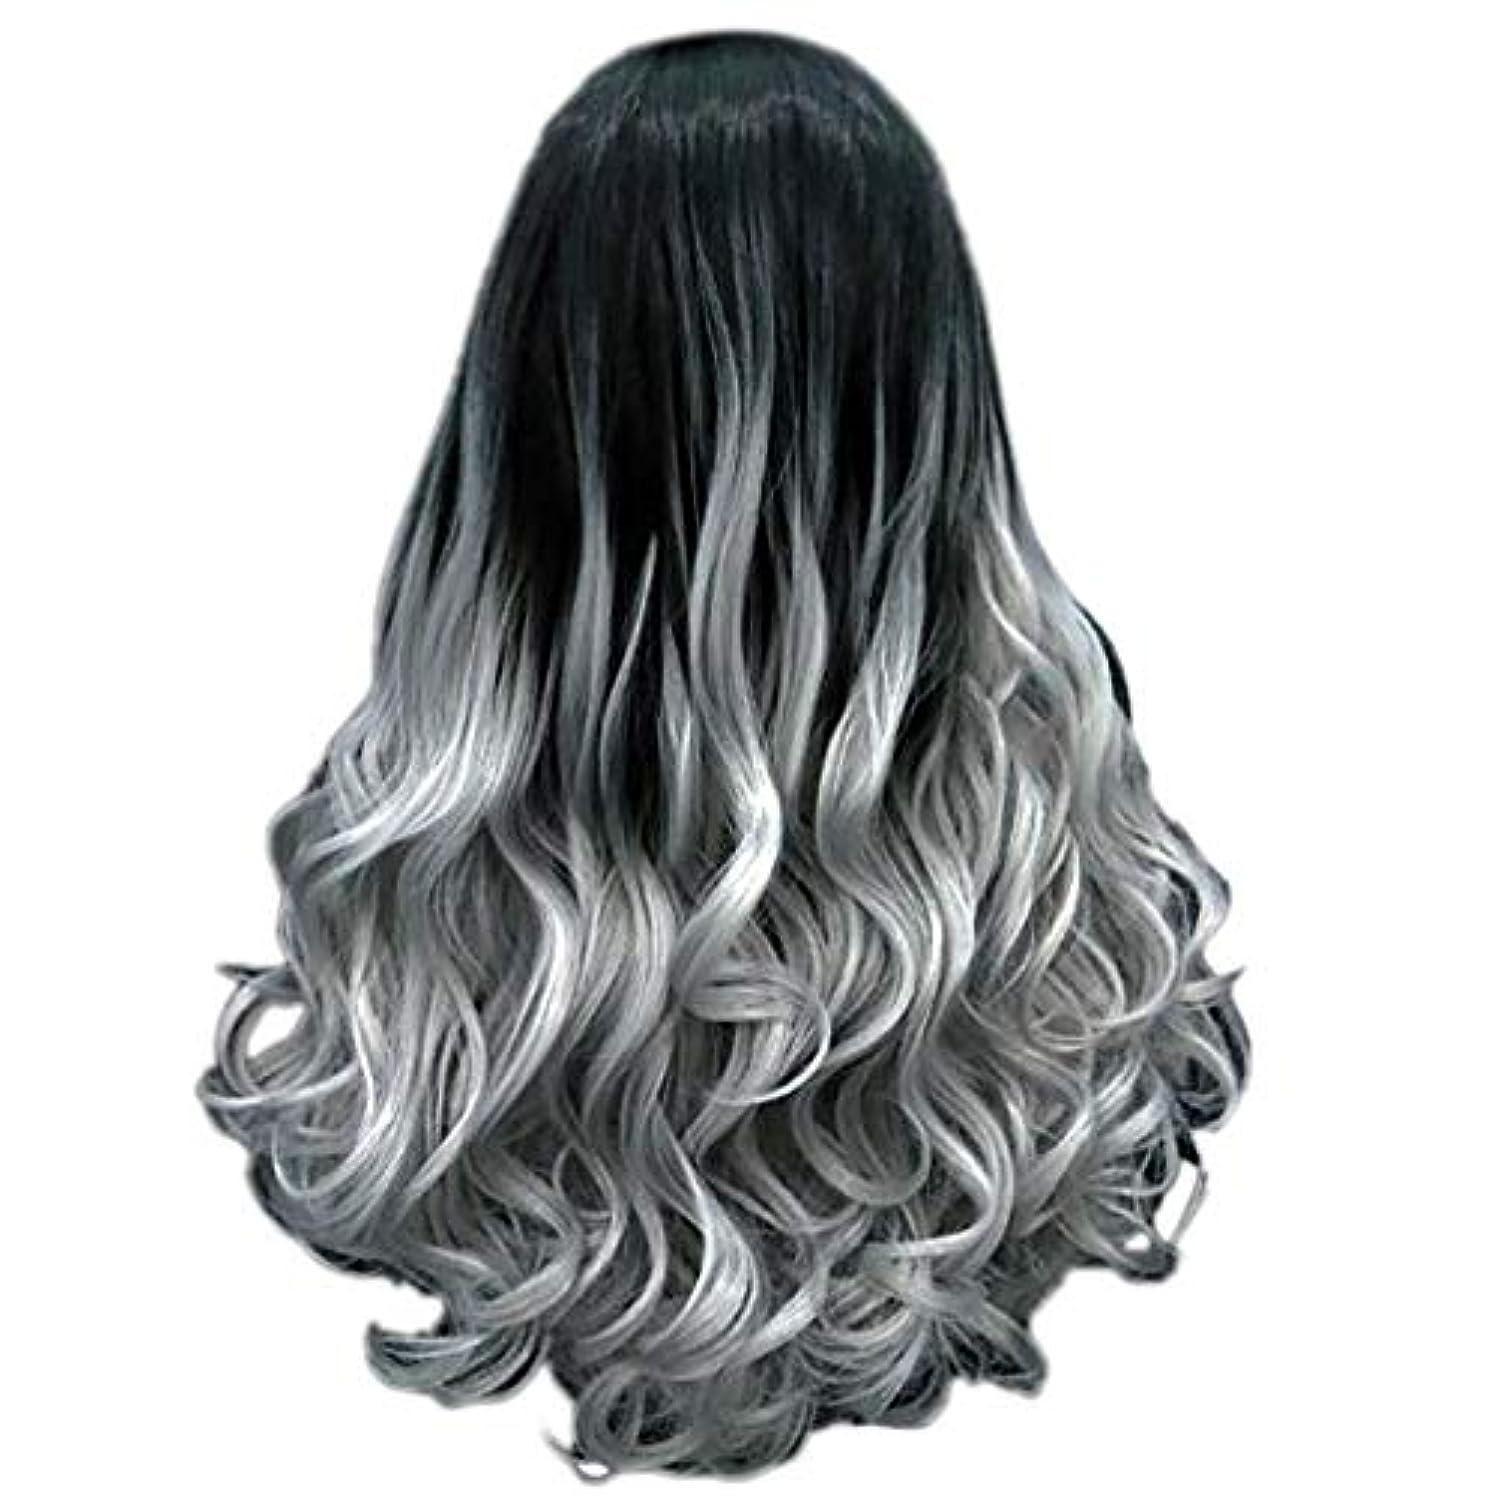 フレームワークミリメートル一般的に女性の長い巻き毛のファッションセクシーなかつら70 cmをかつら